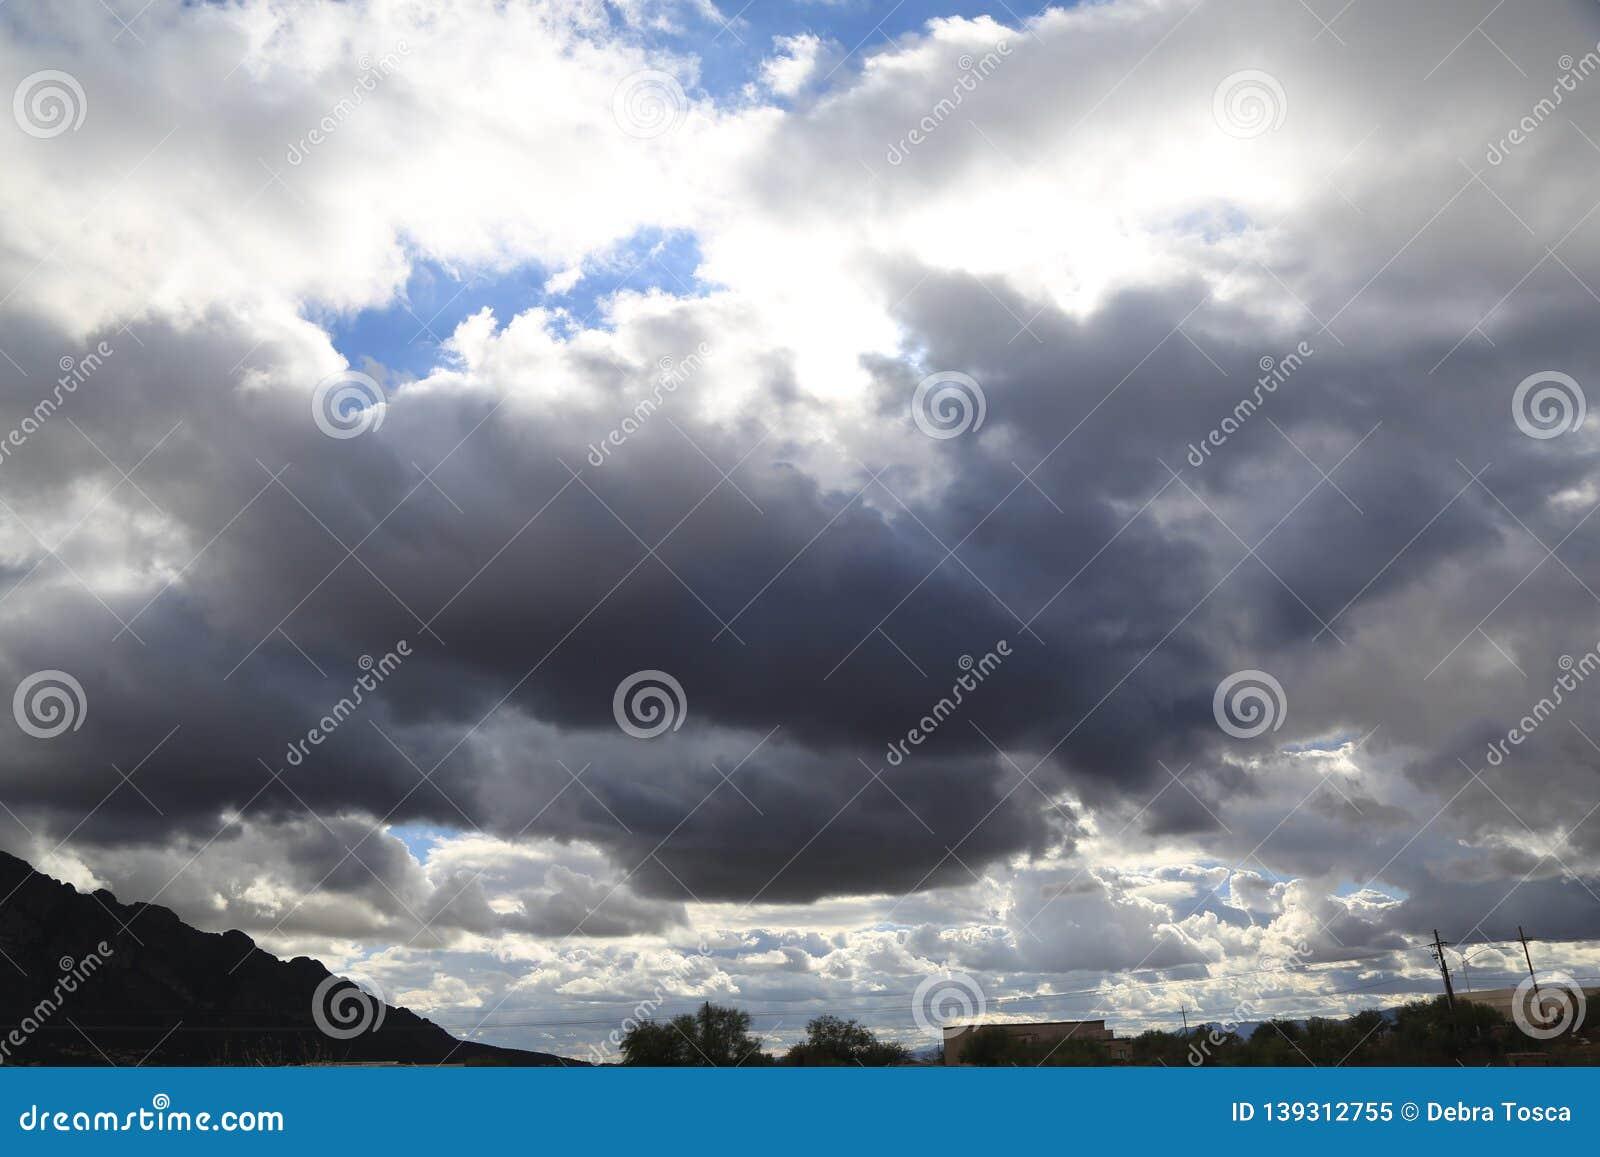 Ominous cloud cover